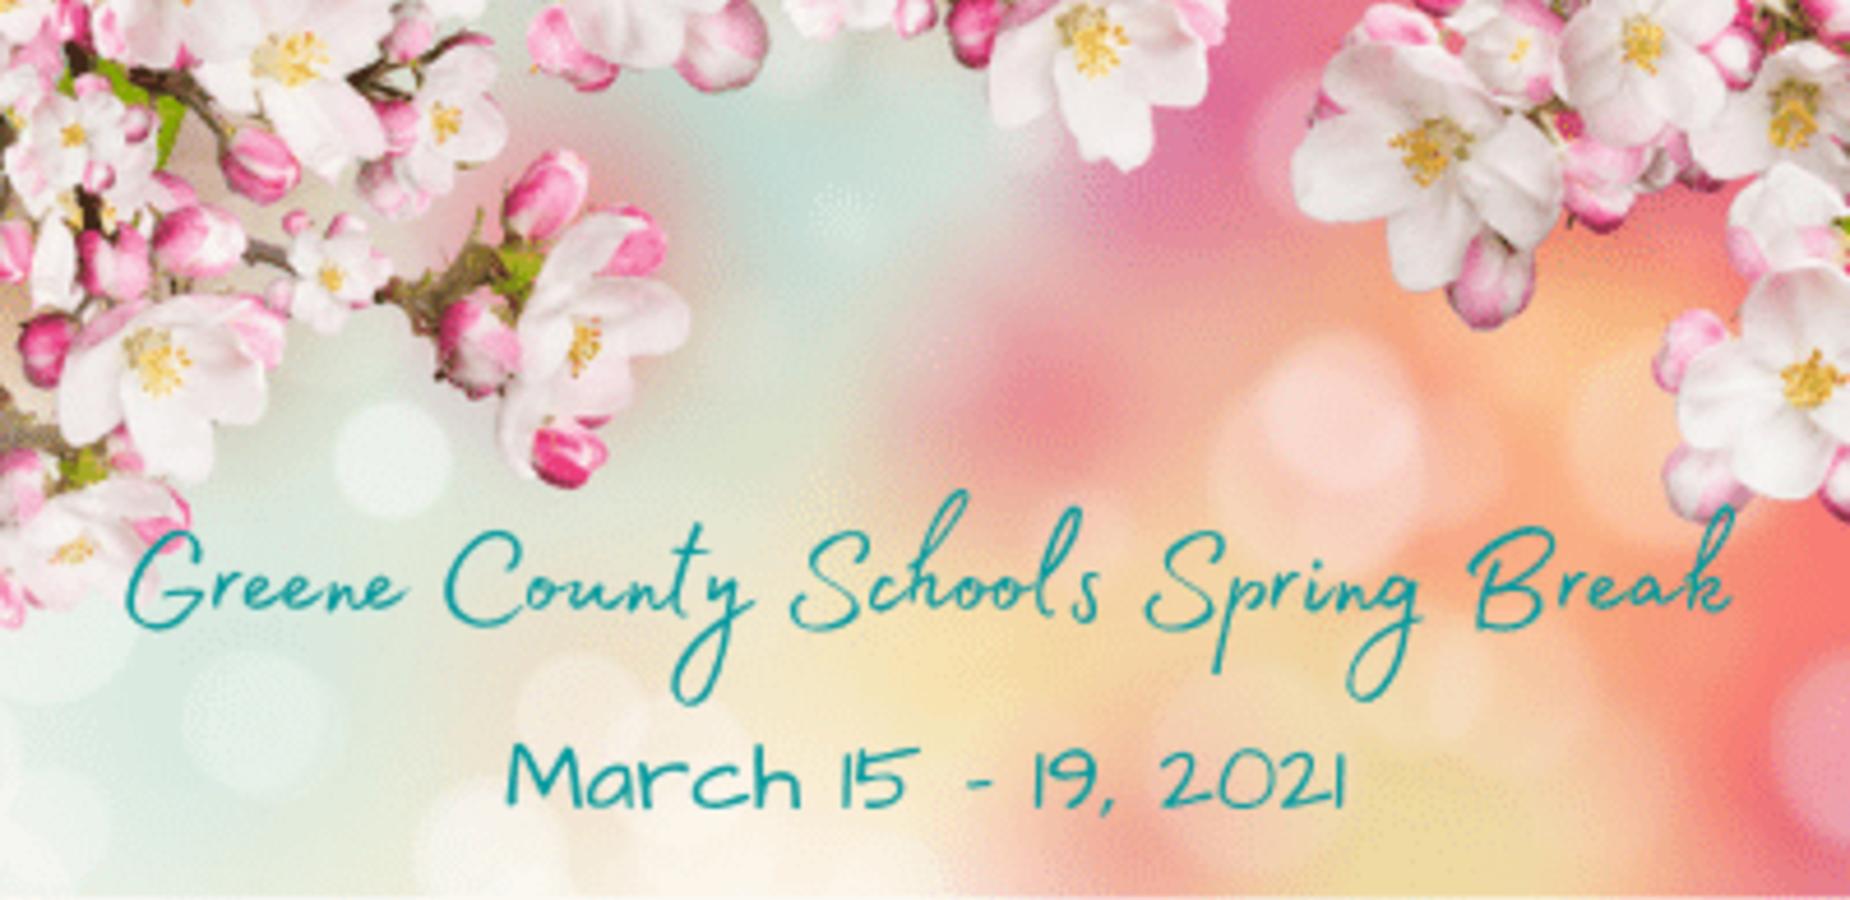 Greene County School's Spring Break March 15-19